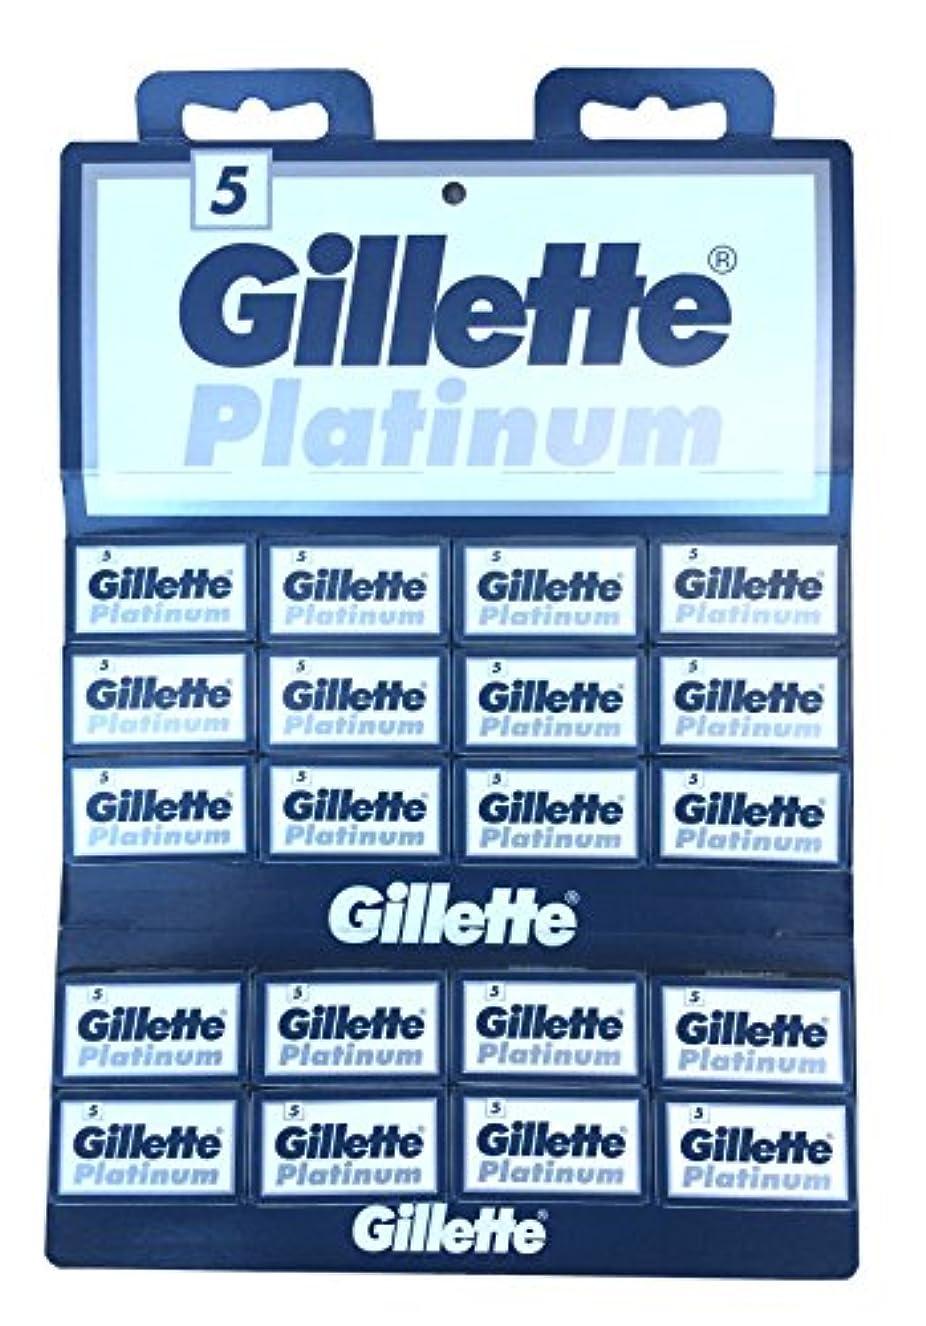 円周くしゃみ古代Gillette Platinum 両刃替刃 100枚入り(5枚入り20 個セット)【並行輸入品】